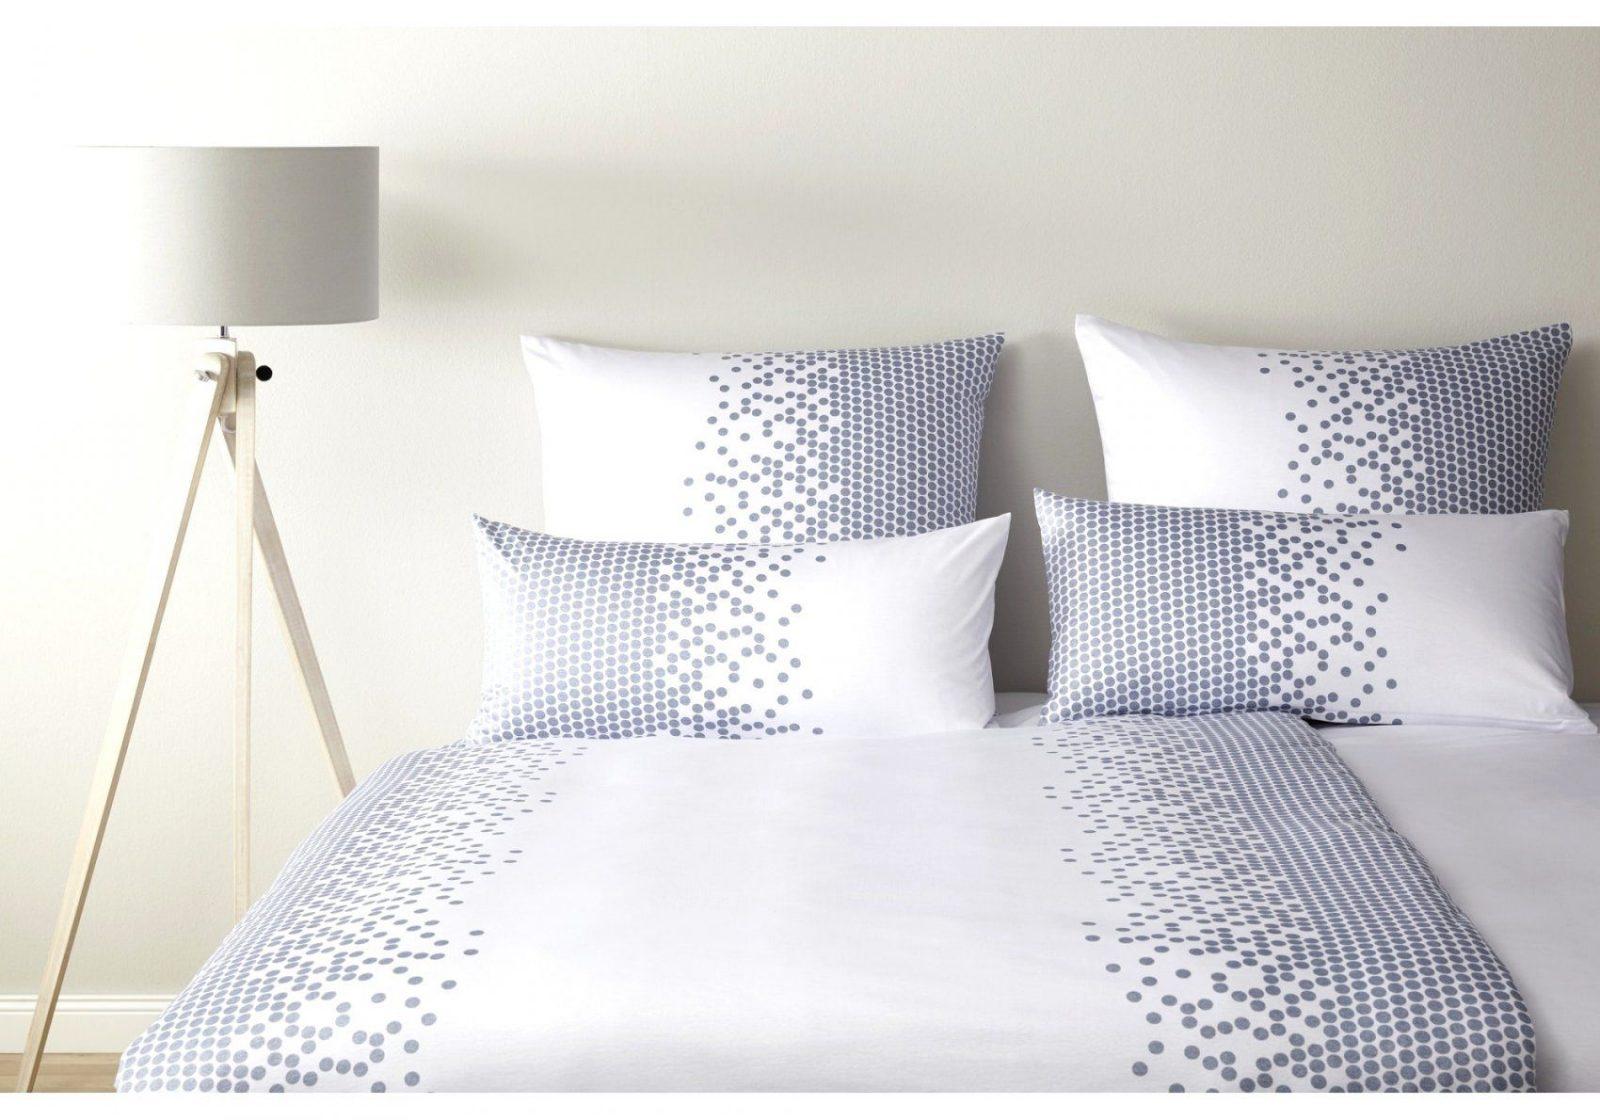 Wunderschöne Inspiration Elegante Bettwäsche Werksverkauf Und von Elegante Bettwäsche Werksverkauf Photo